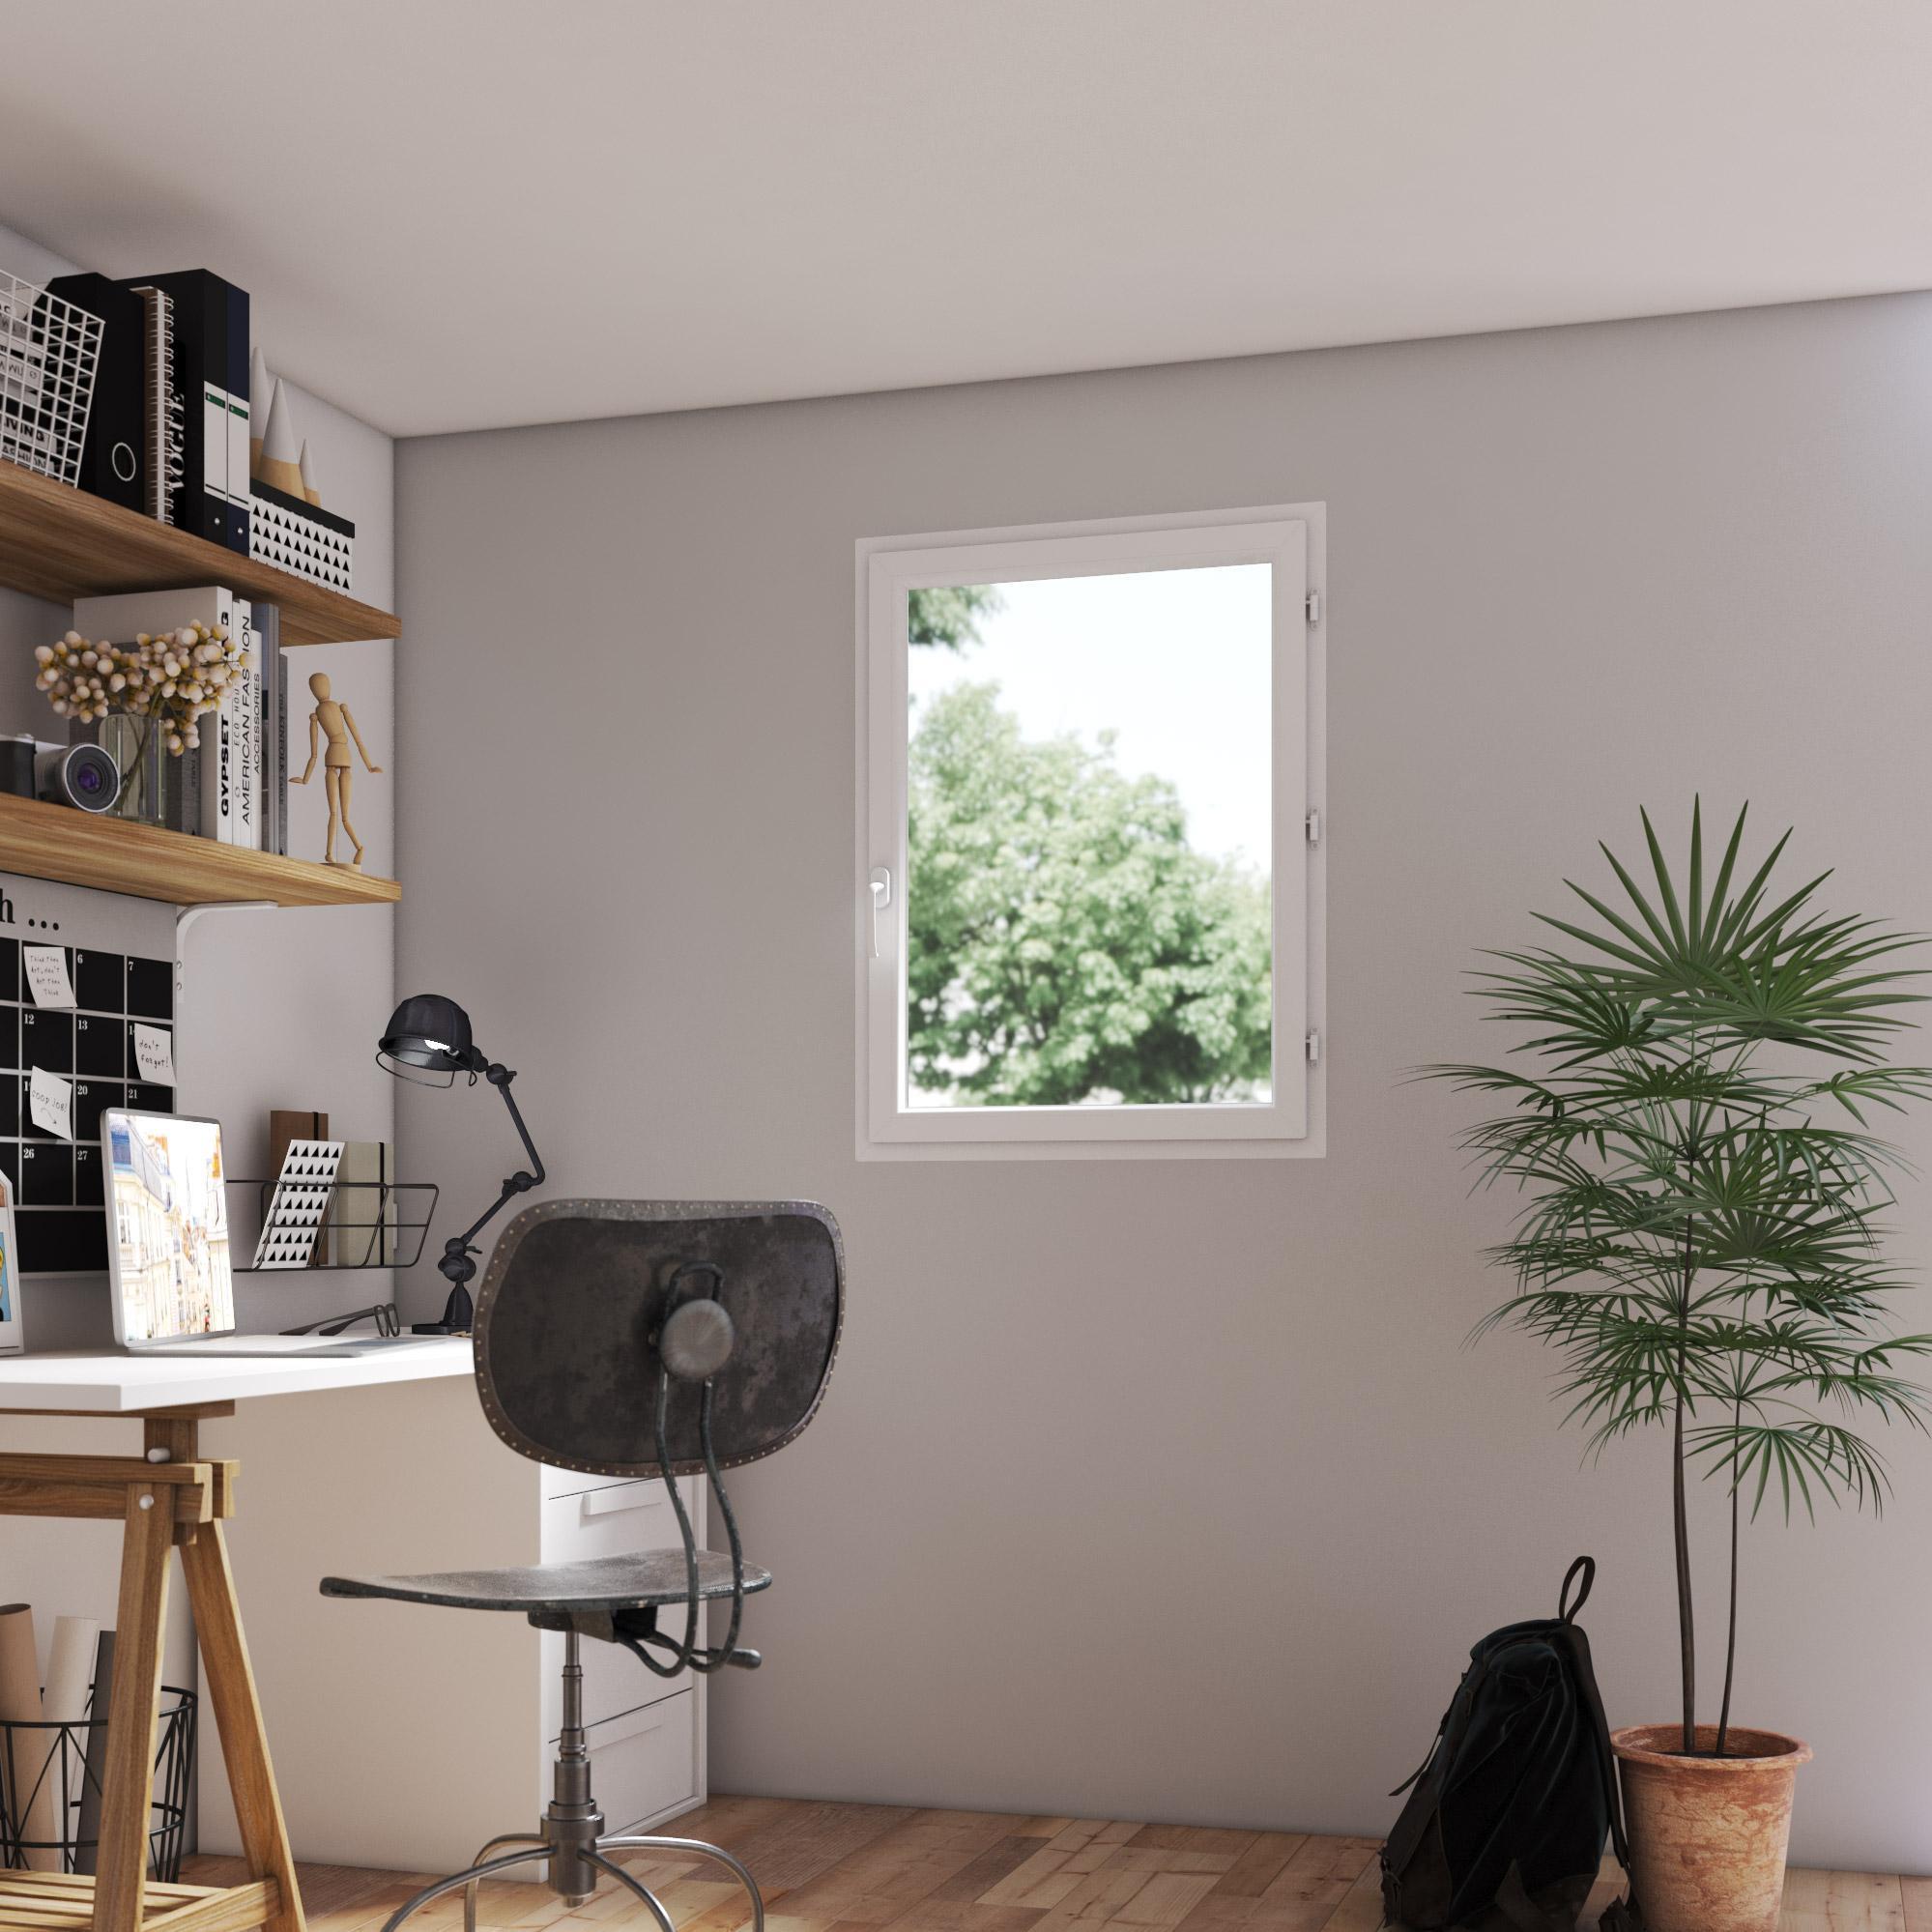 Panneau Japonais Fenetre Pvc fenêtre pvc h.105 x l.80 cm, blanc / blanc, 1 vantail tirant droit